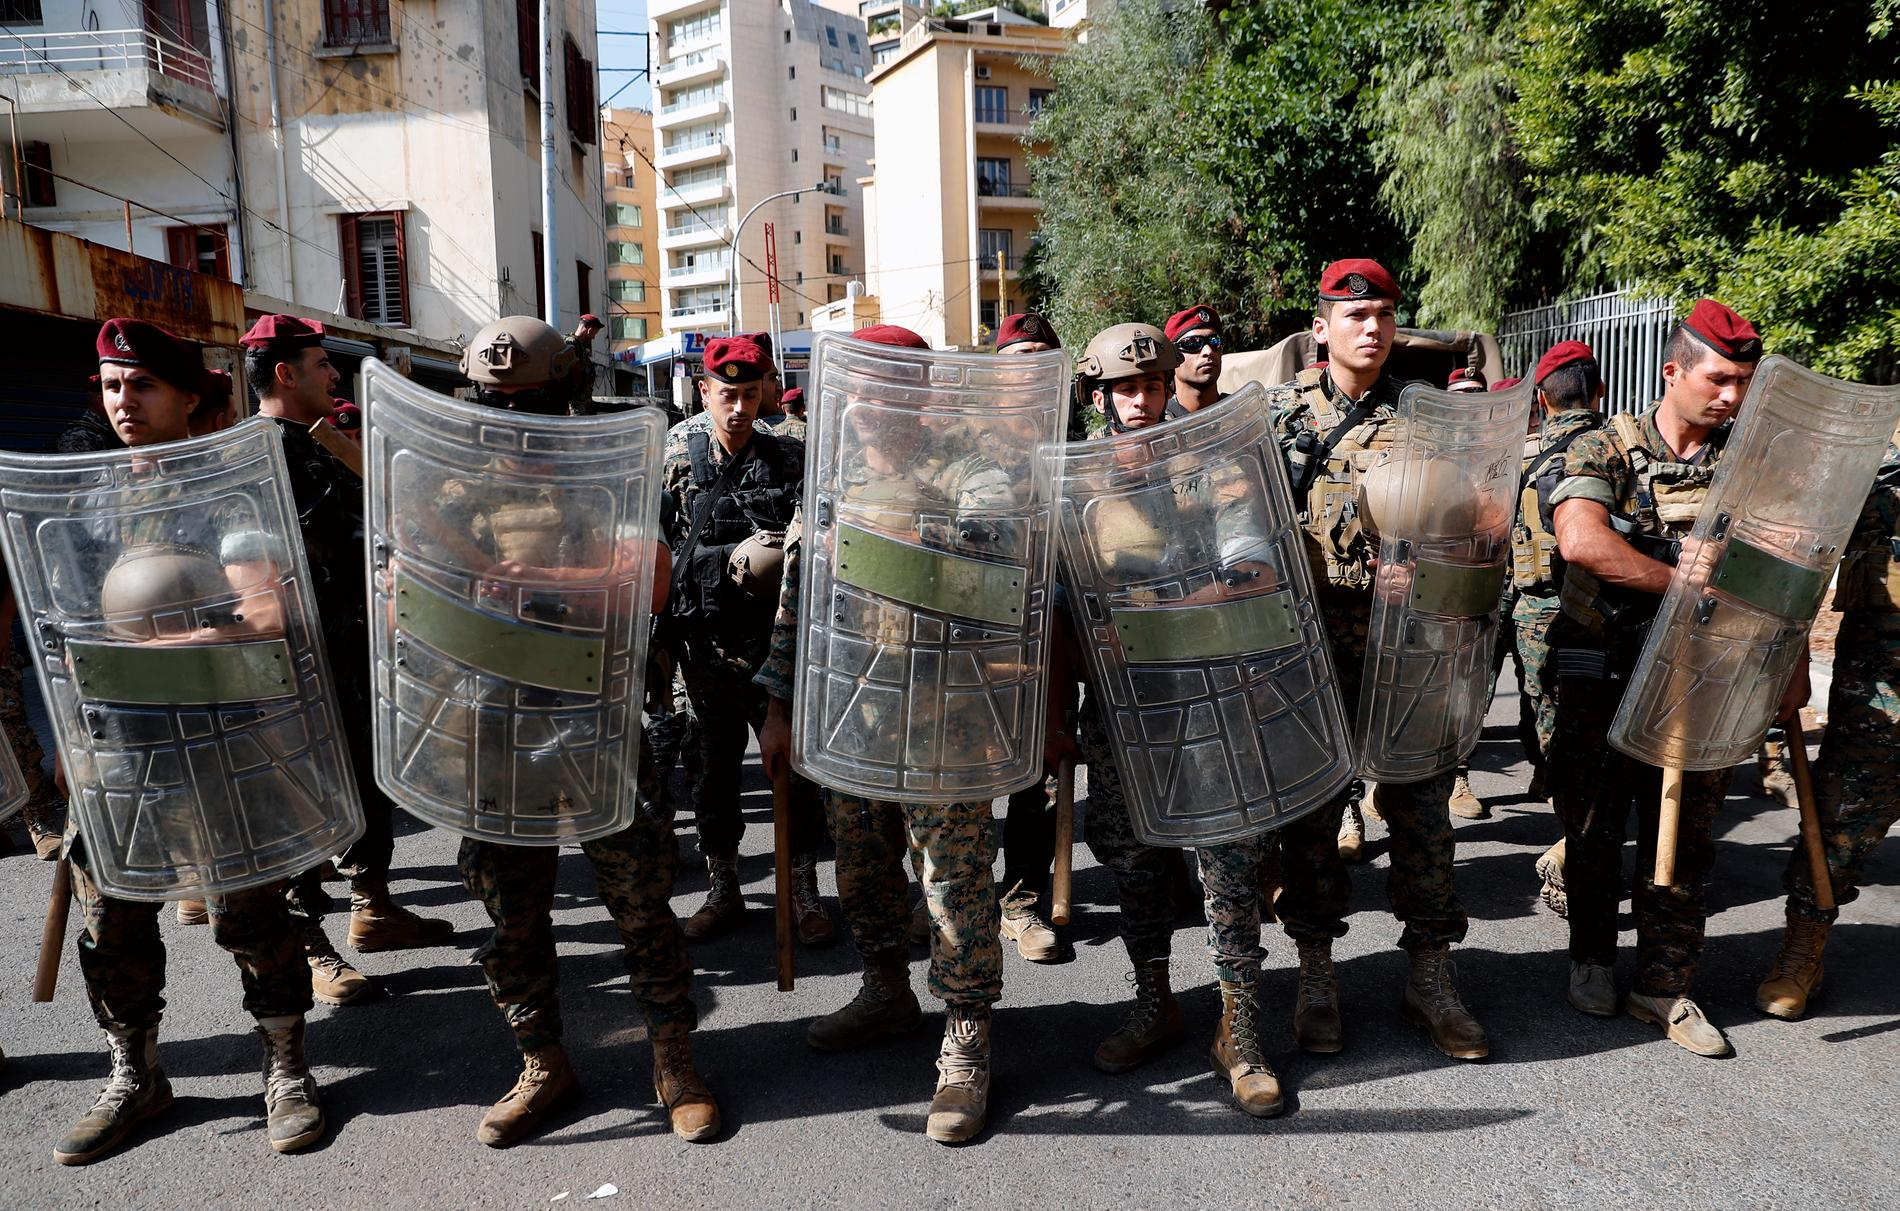 Libanesiska armén uppmanar civila att hålla sig från gatorna sedan protester blivit våldsamma.